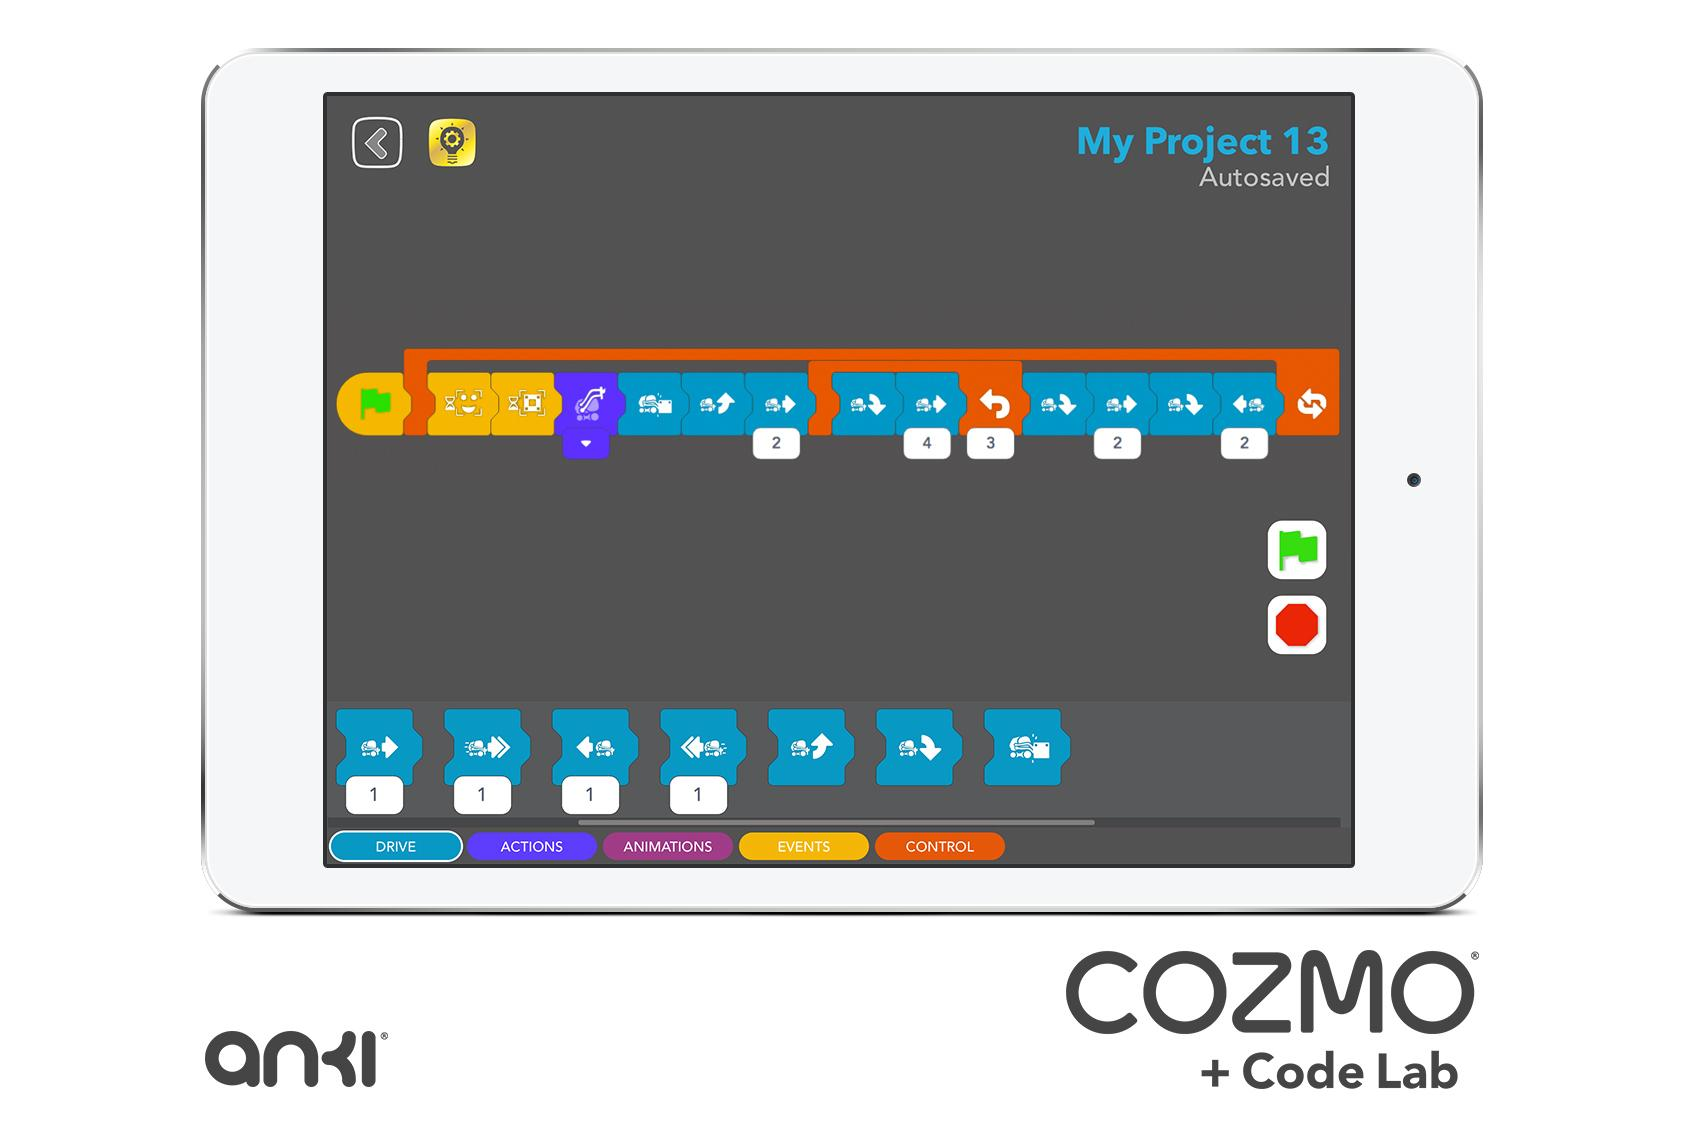 Das objektorientierte Cozmo Code-Lab erlaubt auch Kindern das bequeme Programmieren des Roboters.